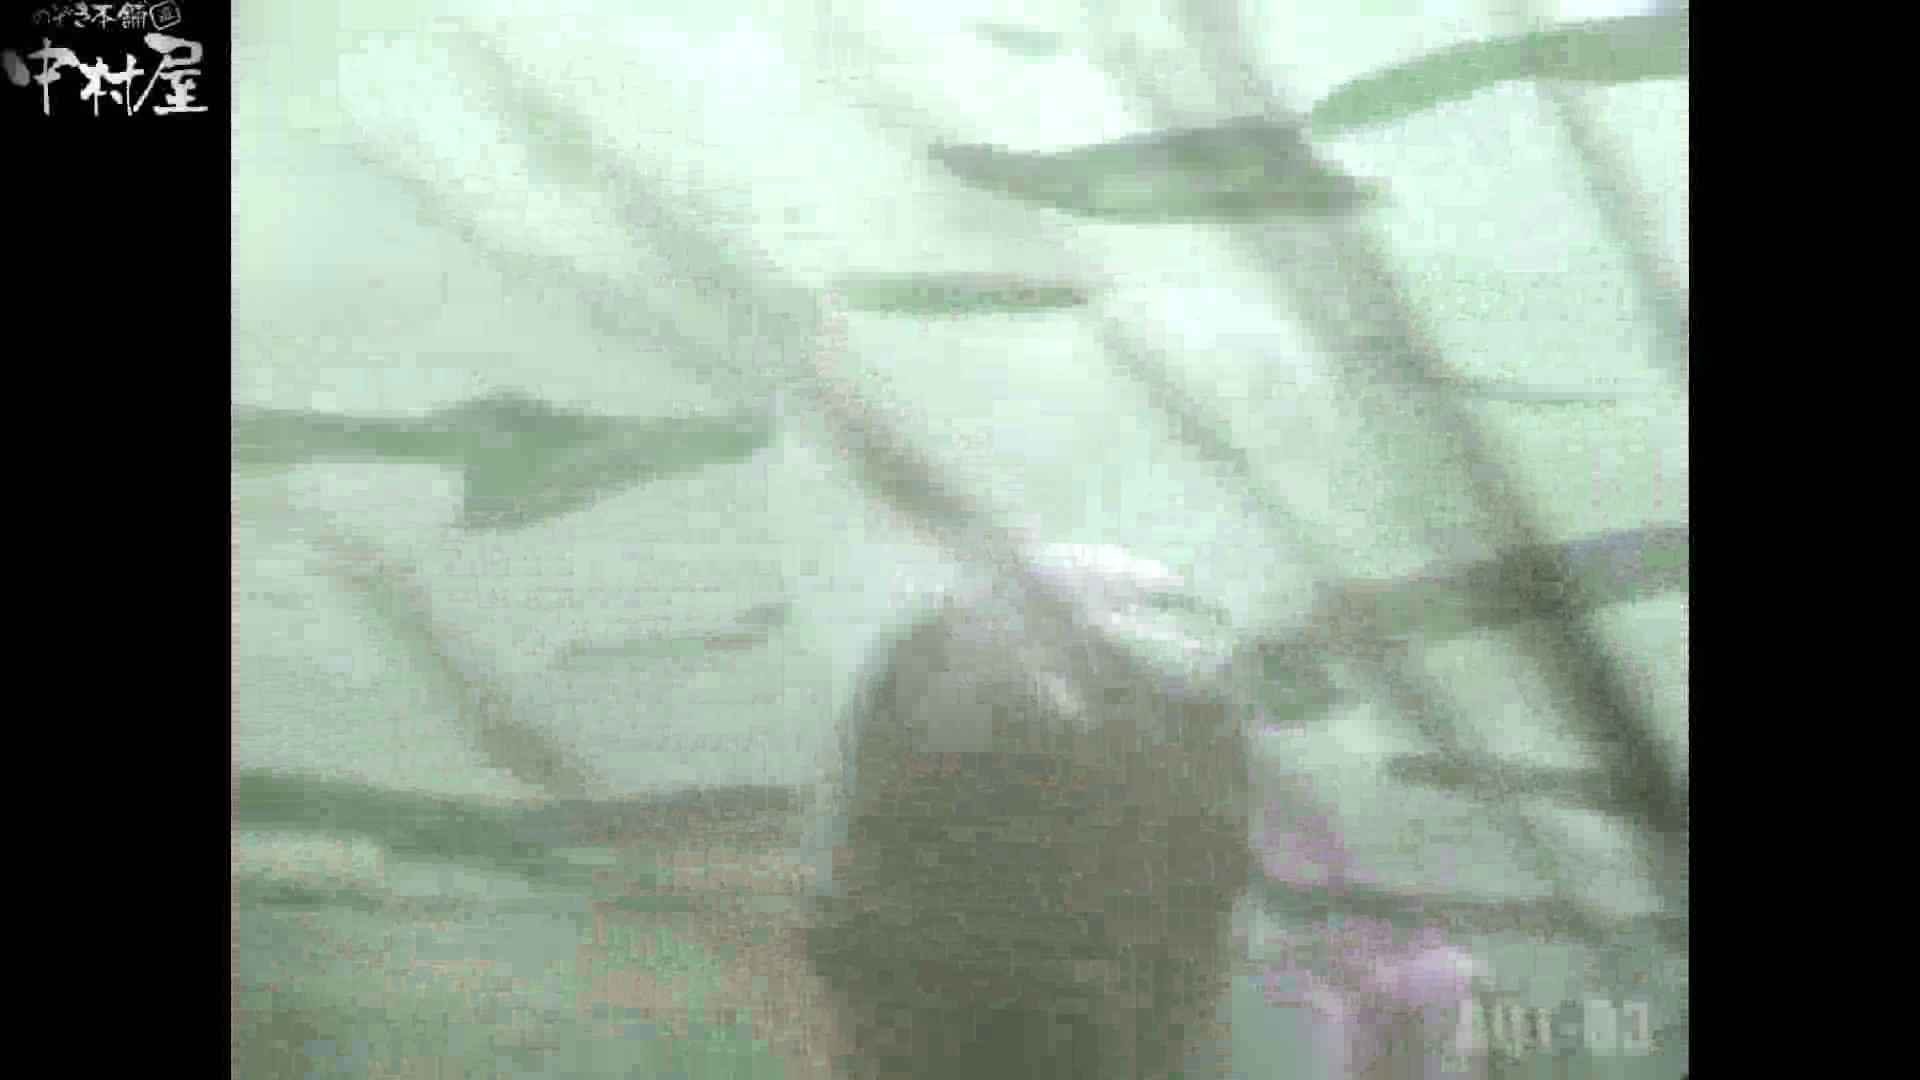 Aquaな露天風呂Vol.867潜入盗撮露天風呂参判湯 其の二 0  76連発 44